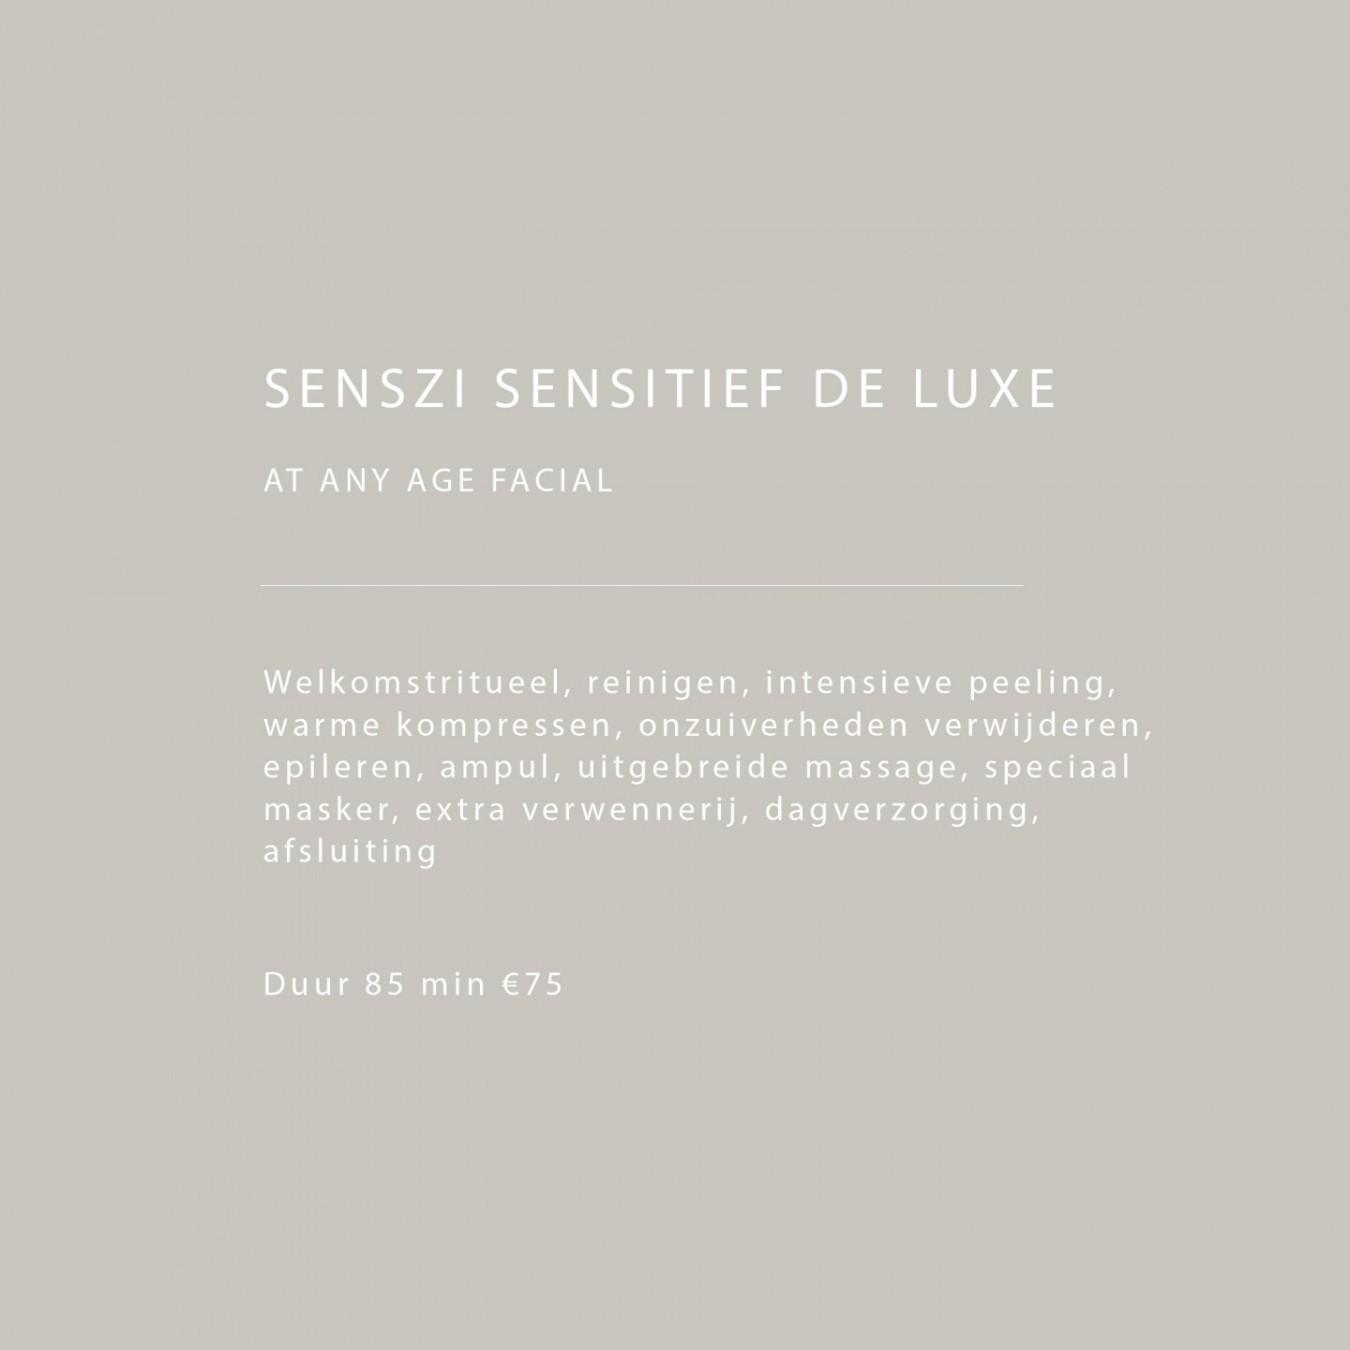 Sensitief de luxe 2